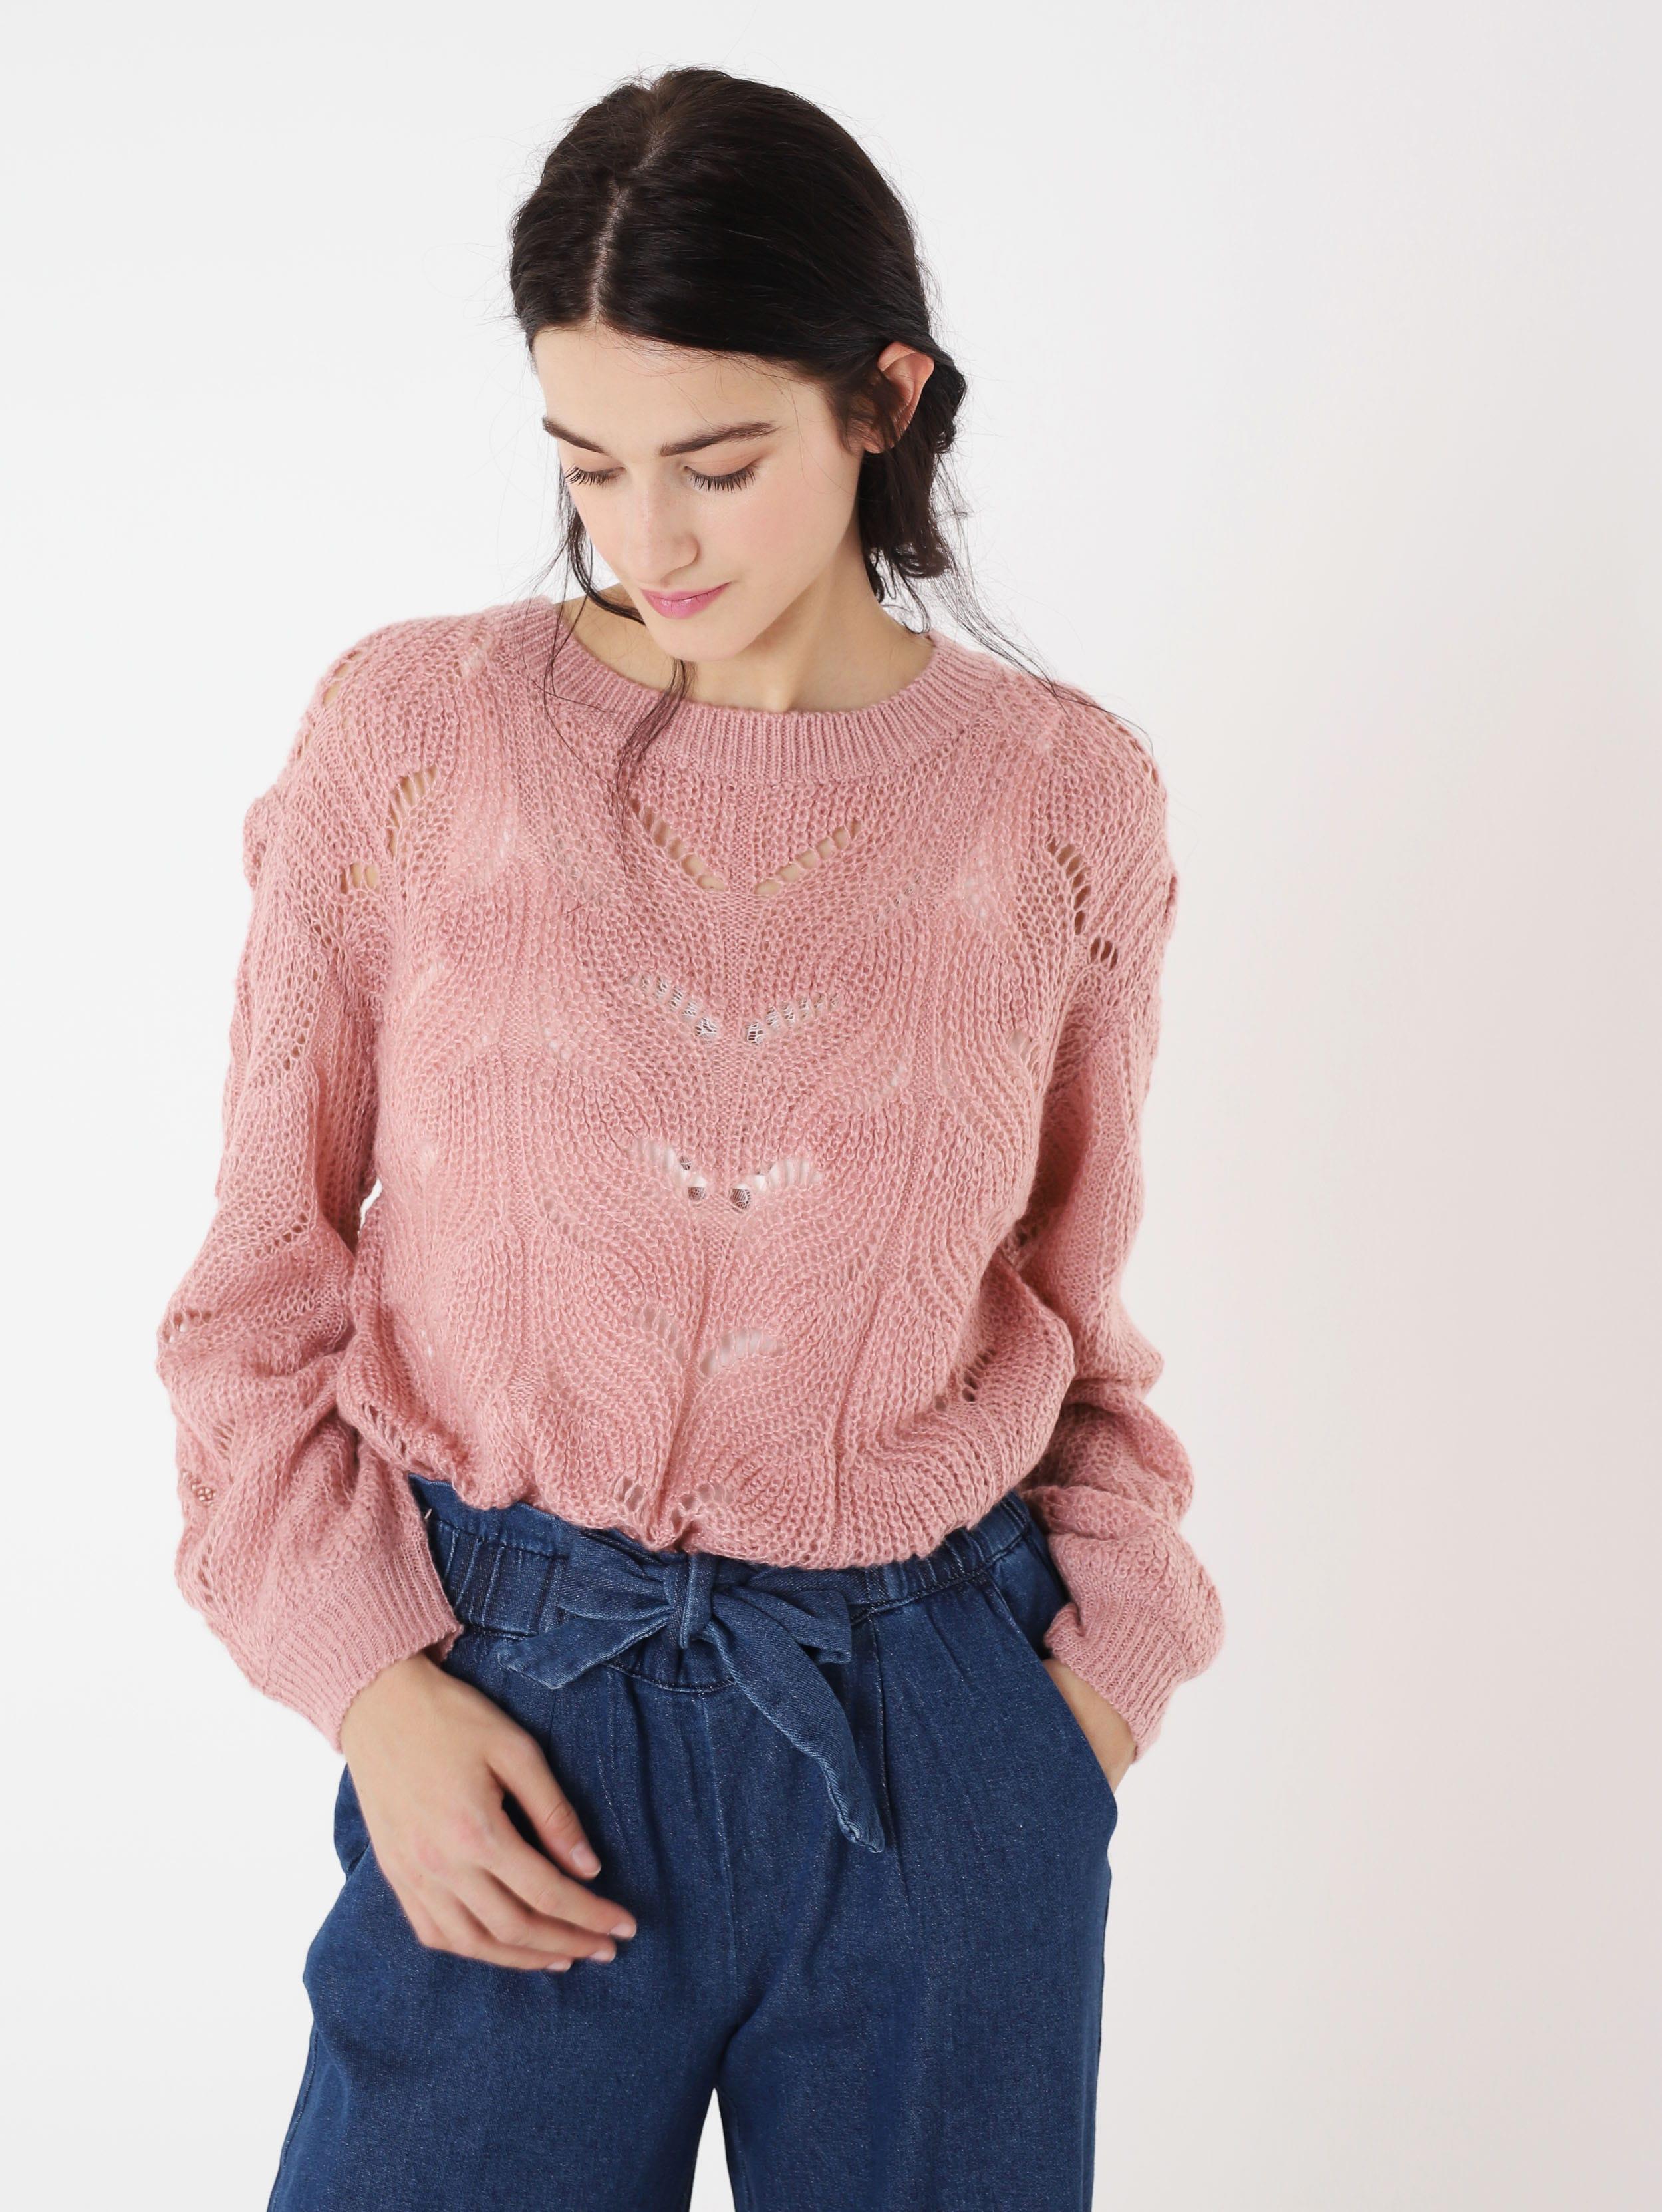 Maglione rosa lavorato a 25,99 euro